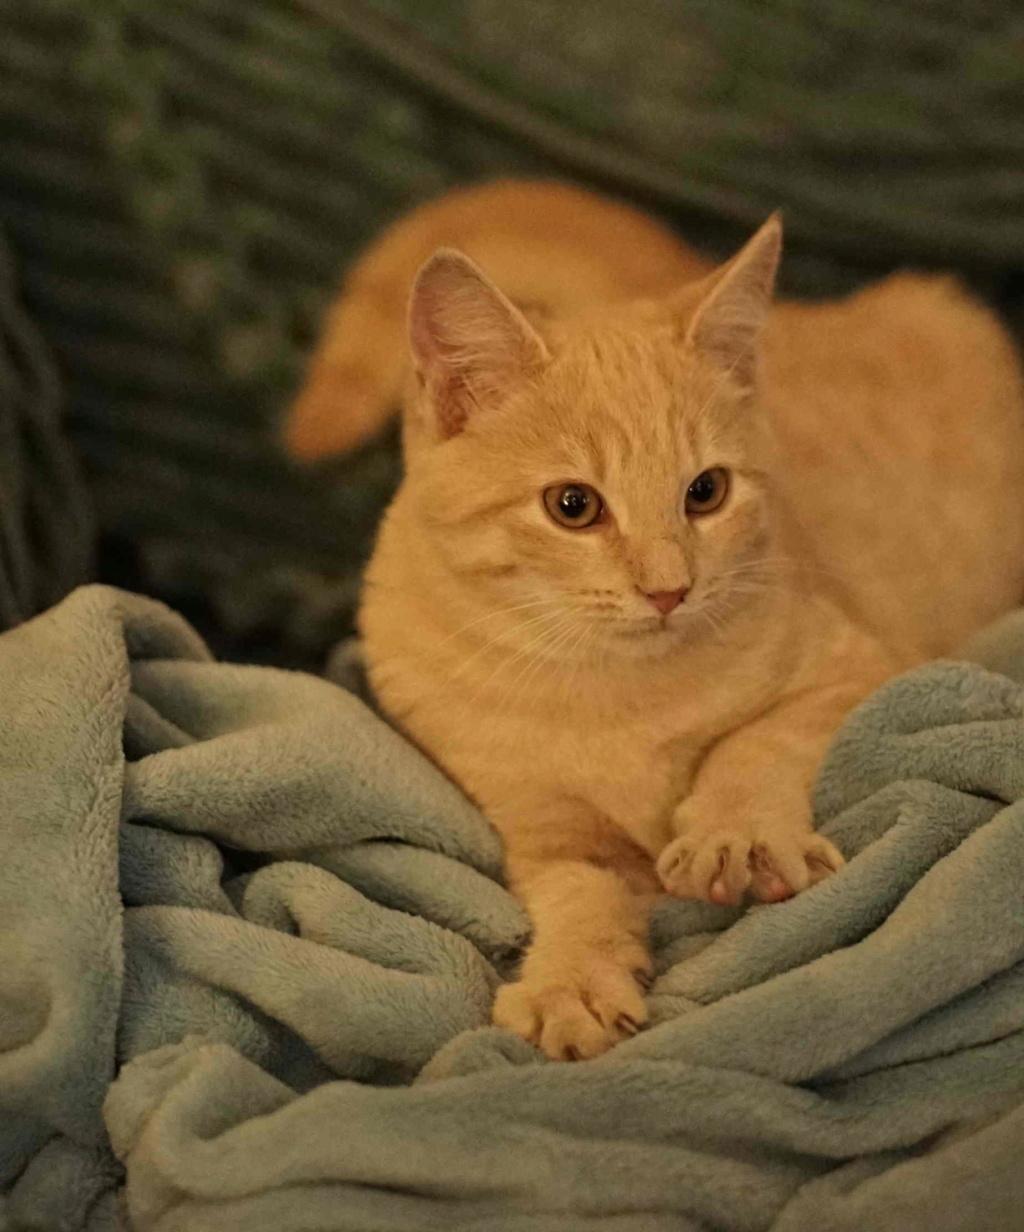 PATOU, chaton européen, crème tigré, né vers le 01/07/19 Patou_19